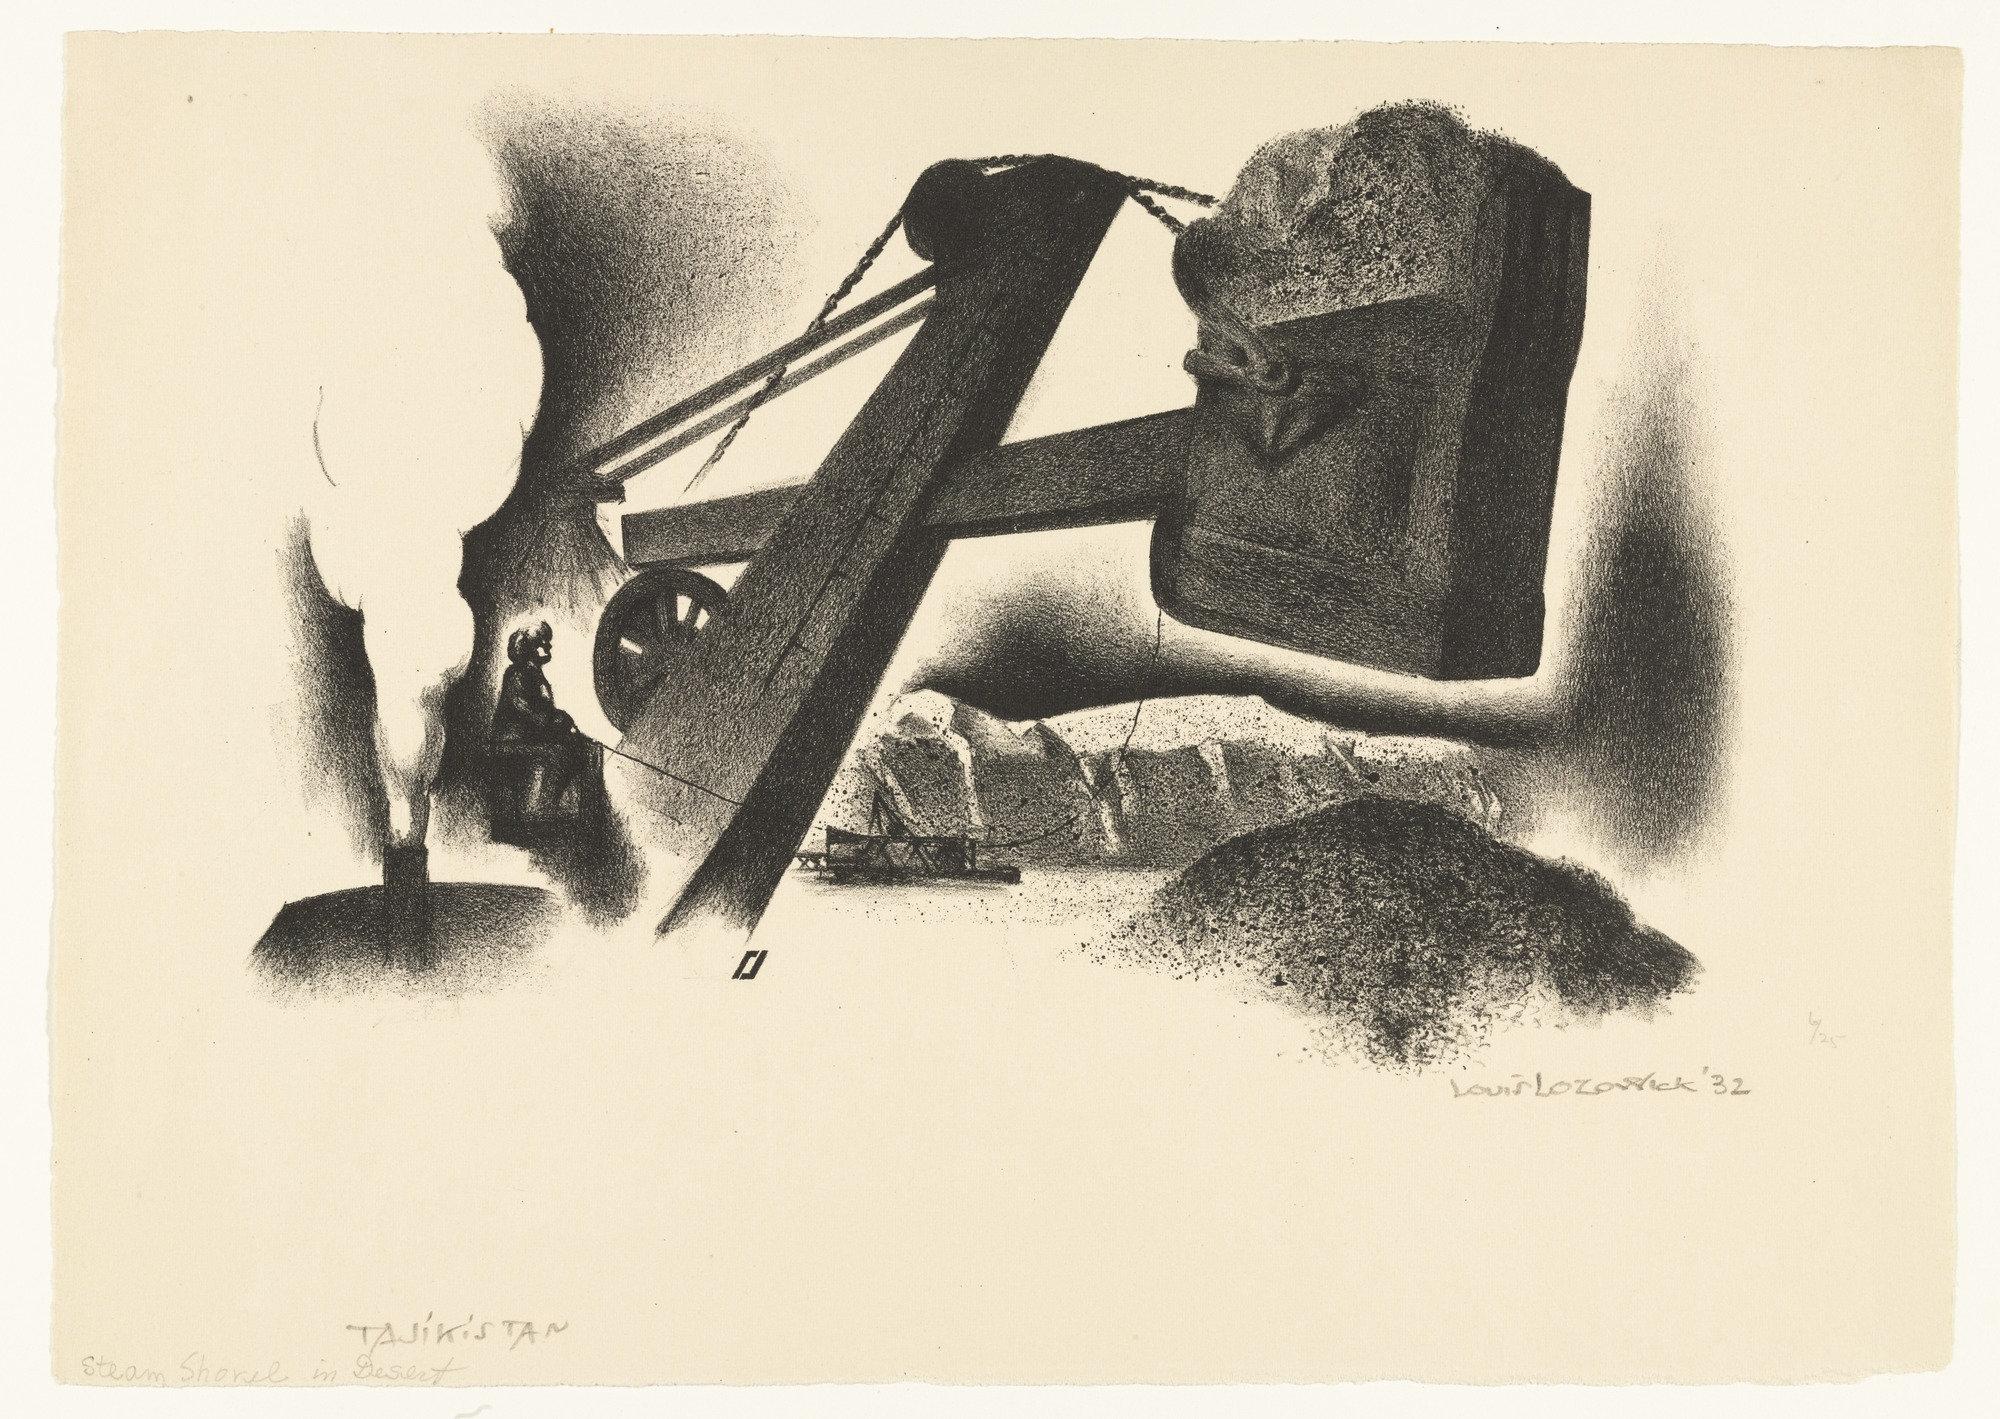 Louis Lozowick Tajikistan, Steam Shovel in Desert 1932